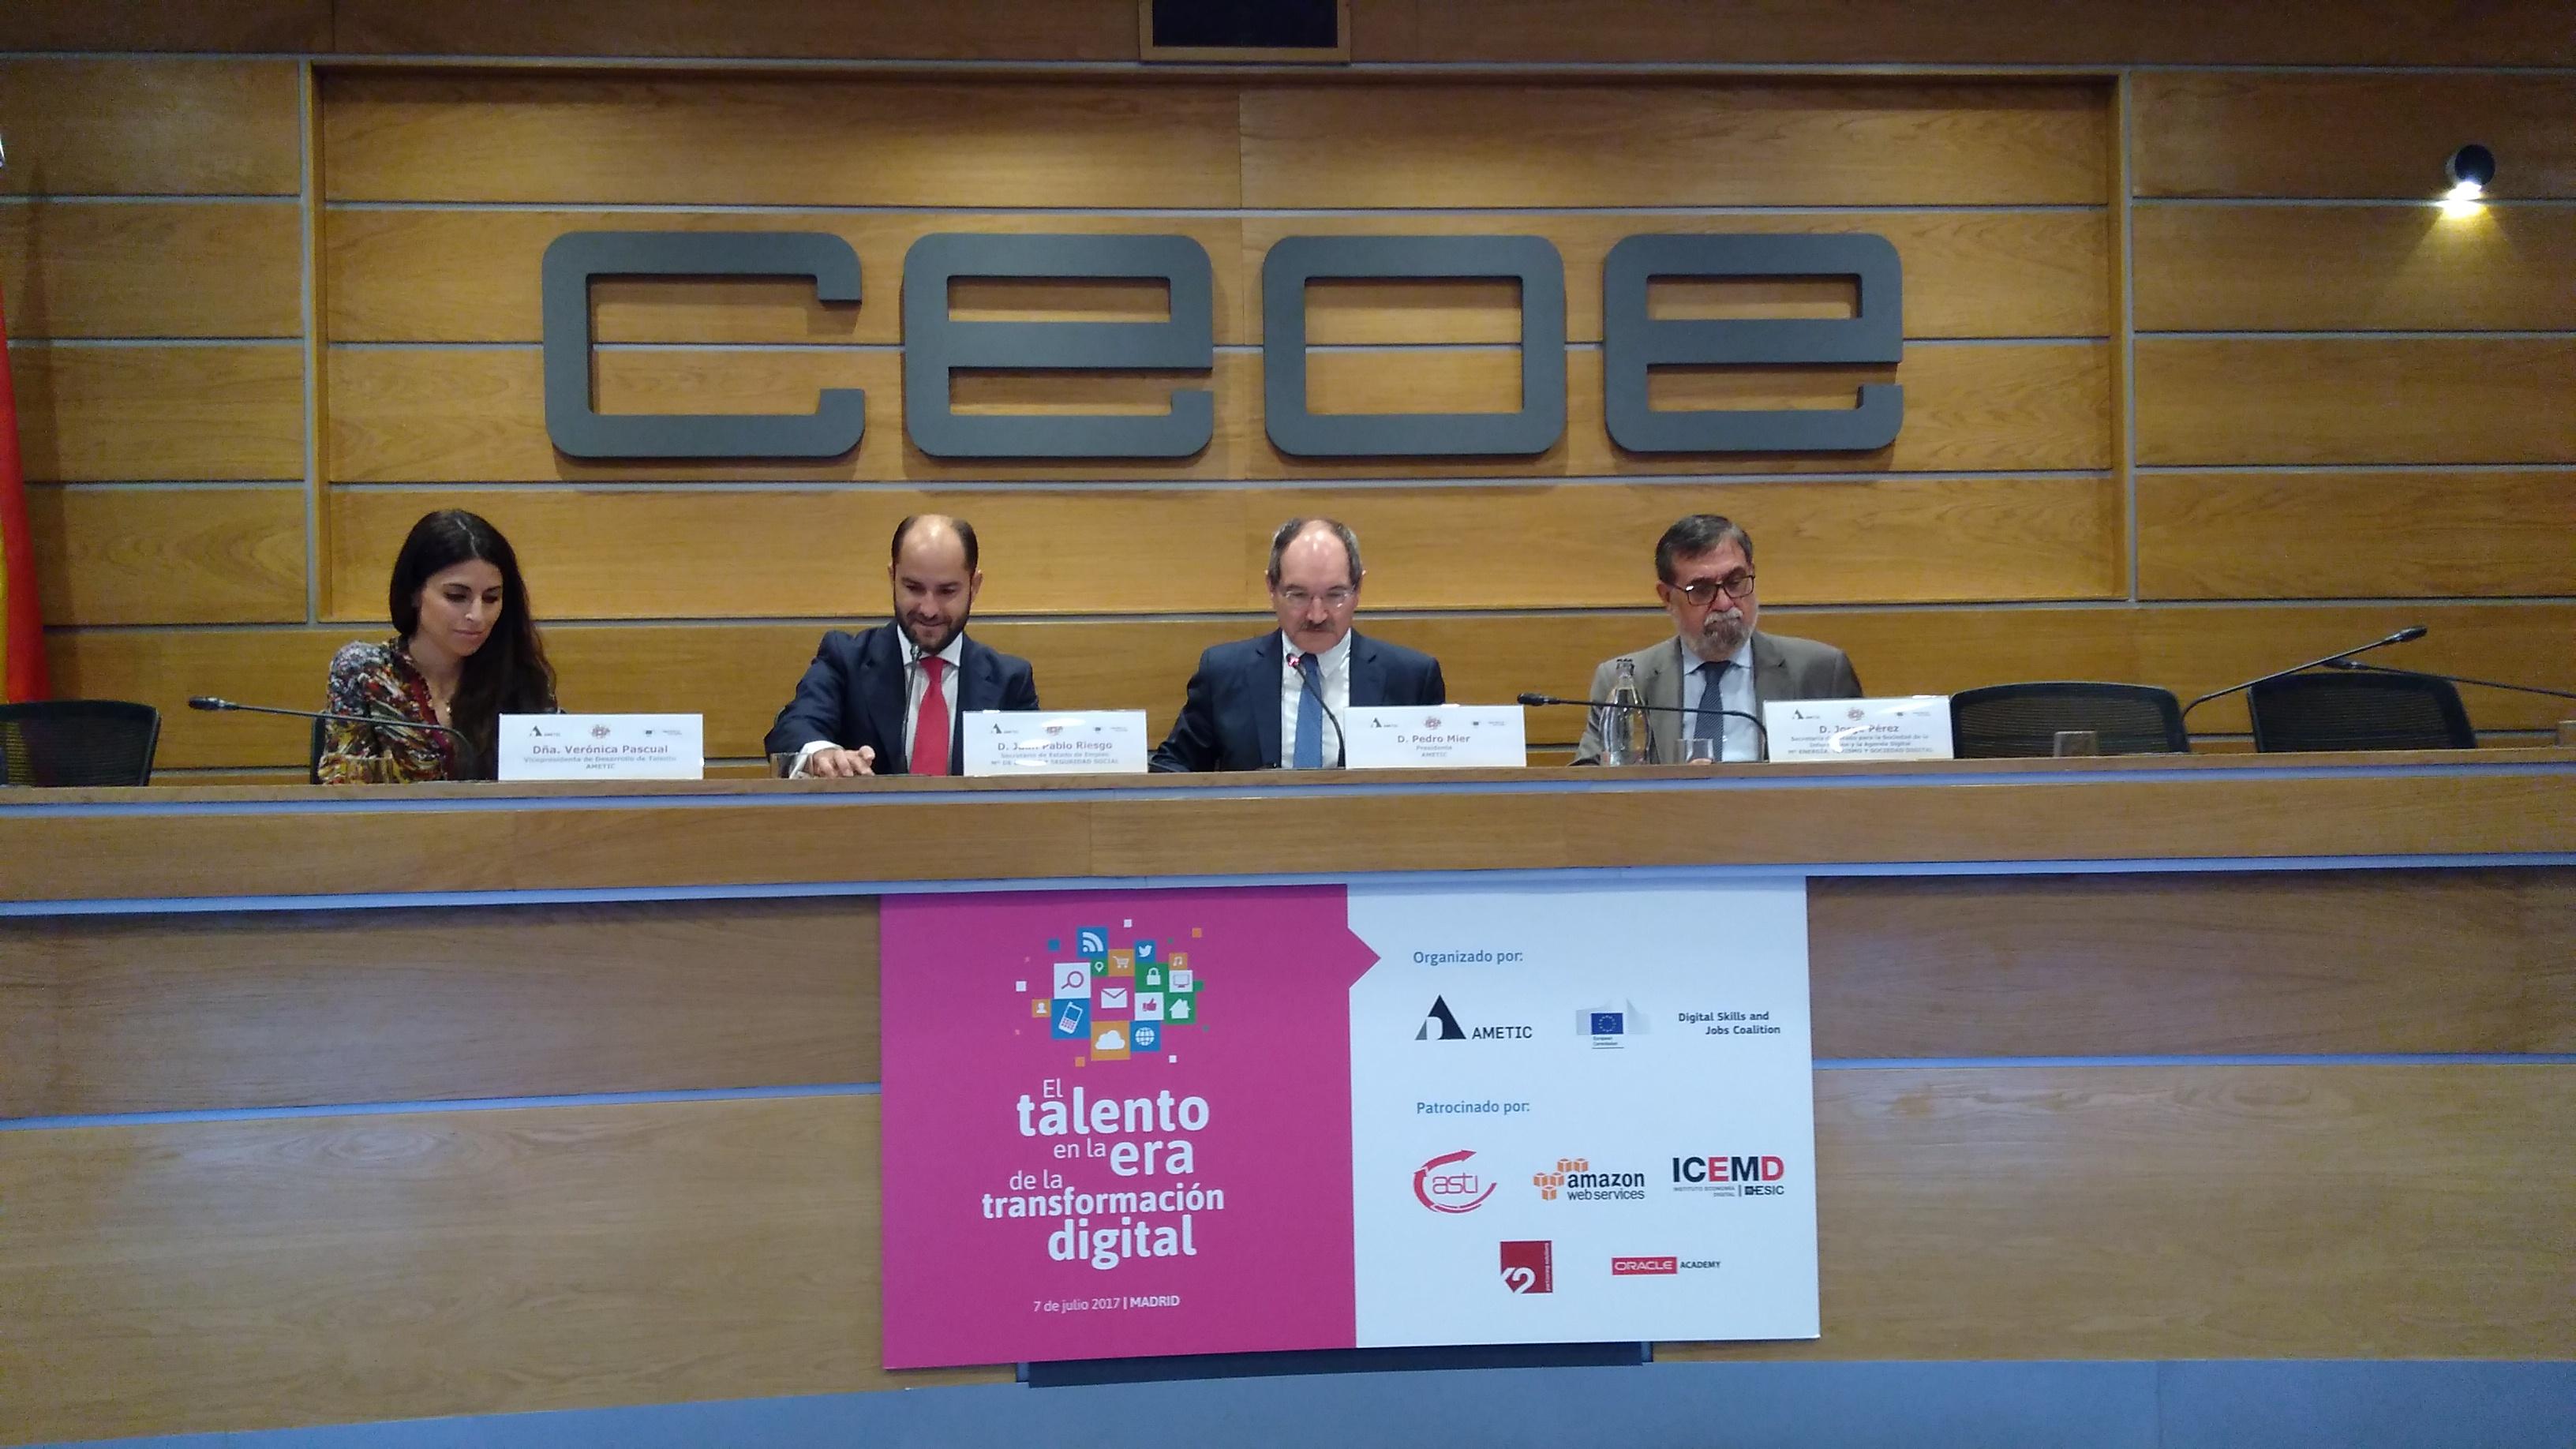 AMETIC y los sindicatos CCOO y UGT reclaman medidas para fomentar el talento digital en España